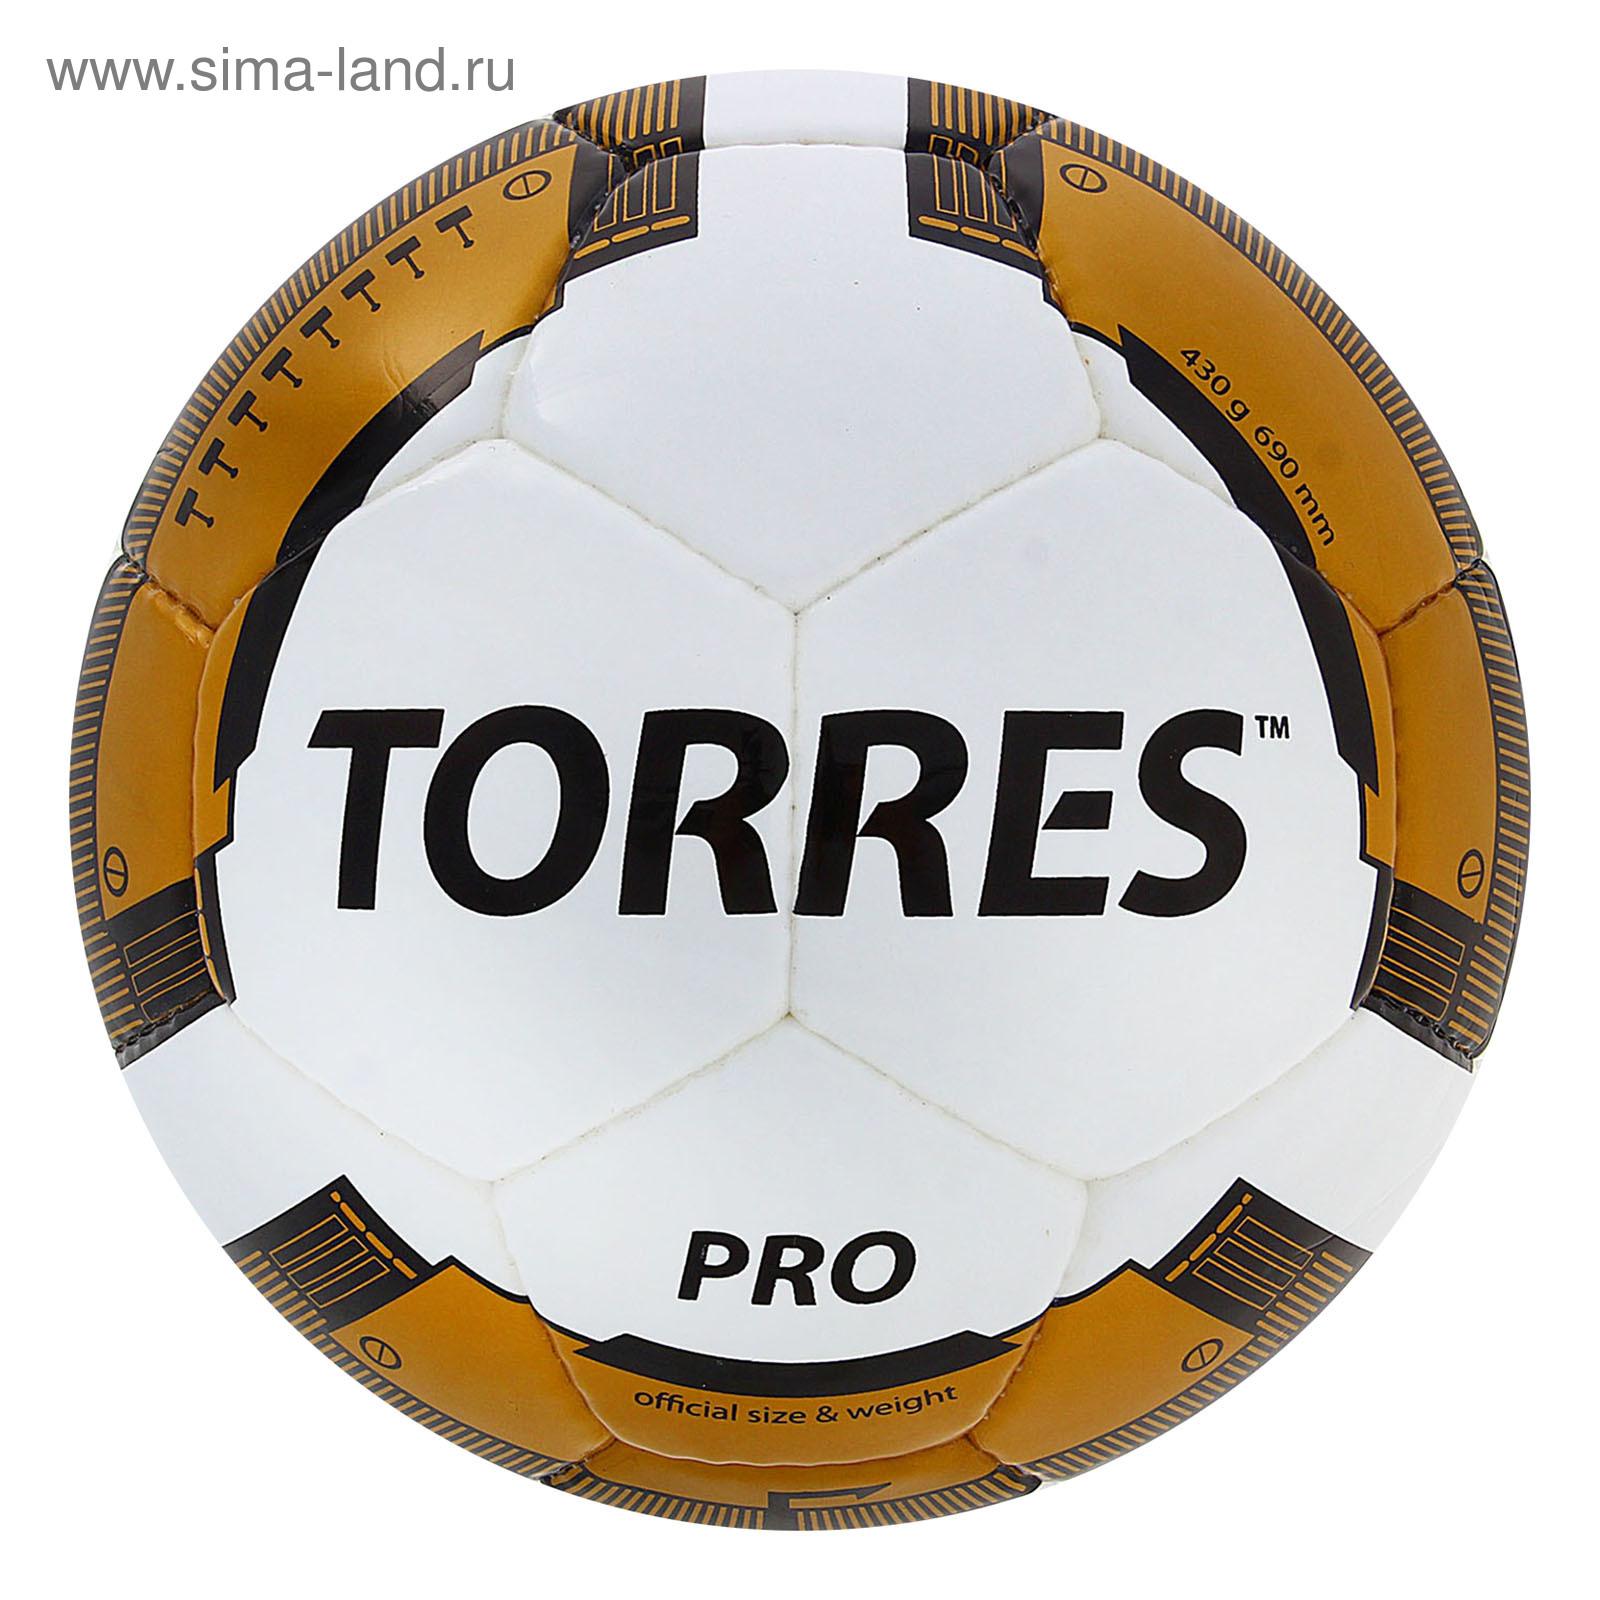 Мяч футбольный Torres Pro, F30015, размер 5 (533830) - Купить по ... 7f3b23813dd